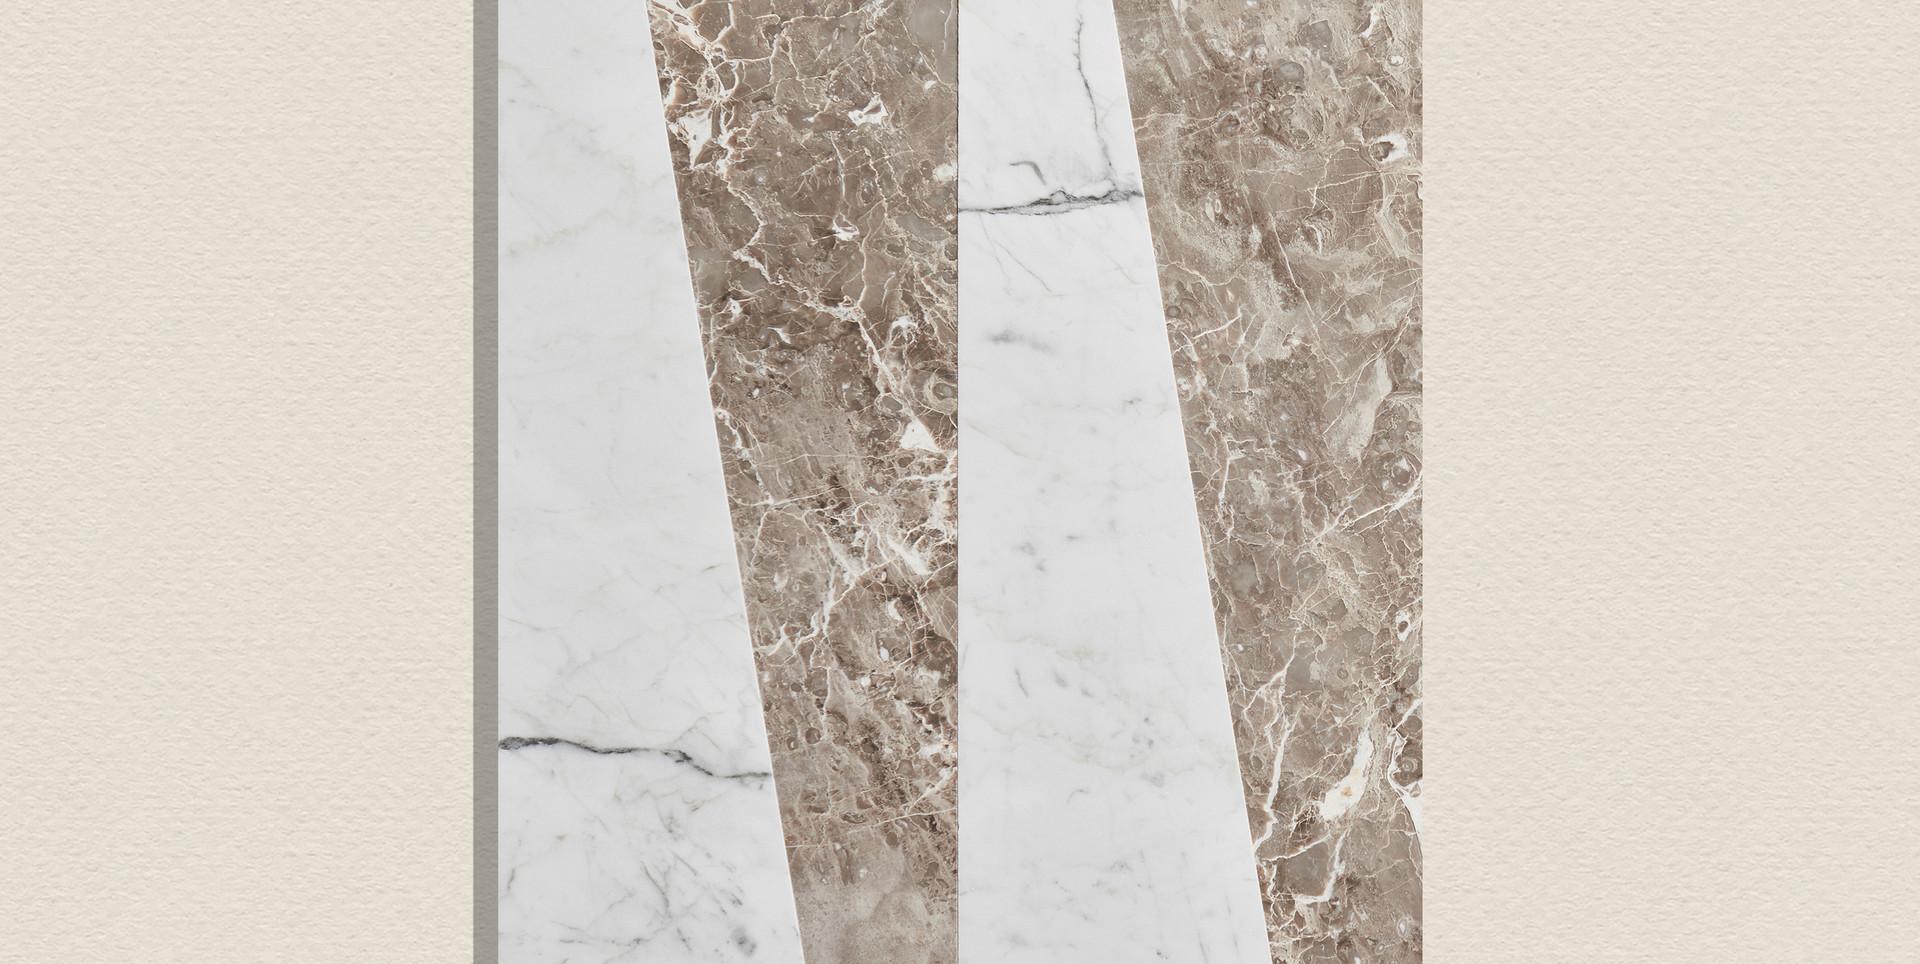 Grigio Cosmico + Brilliant white